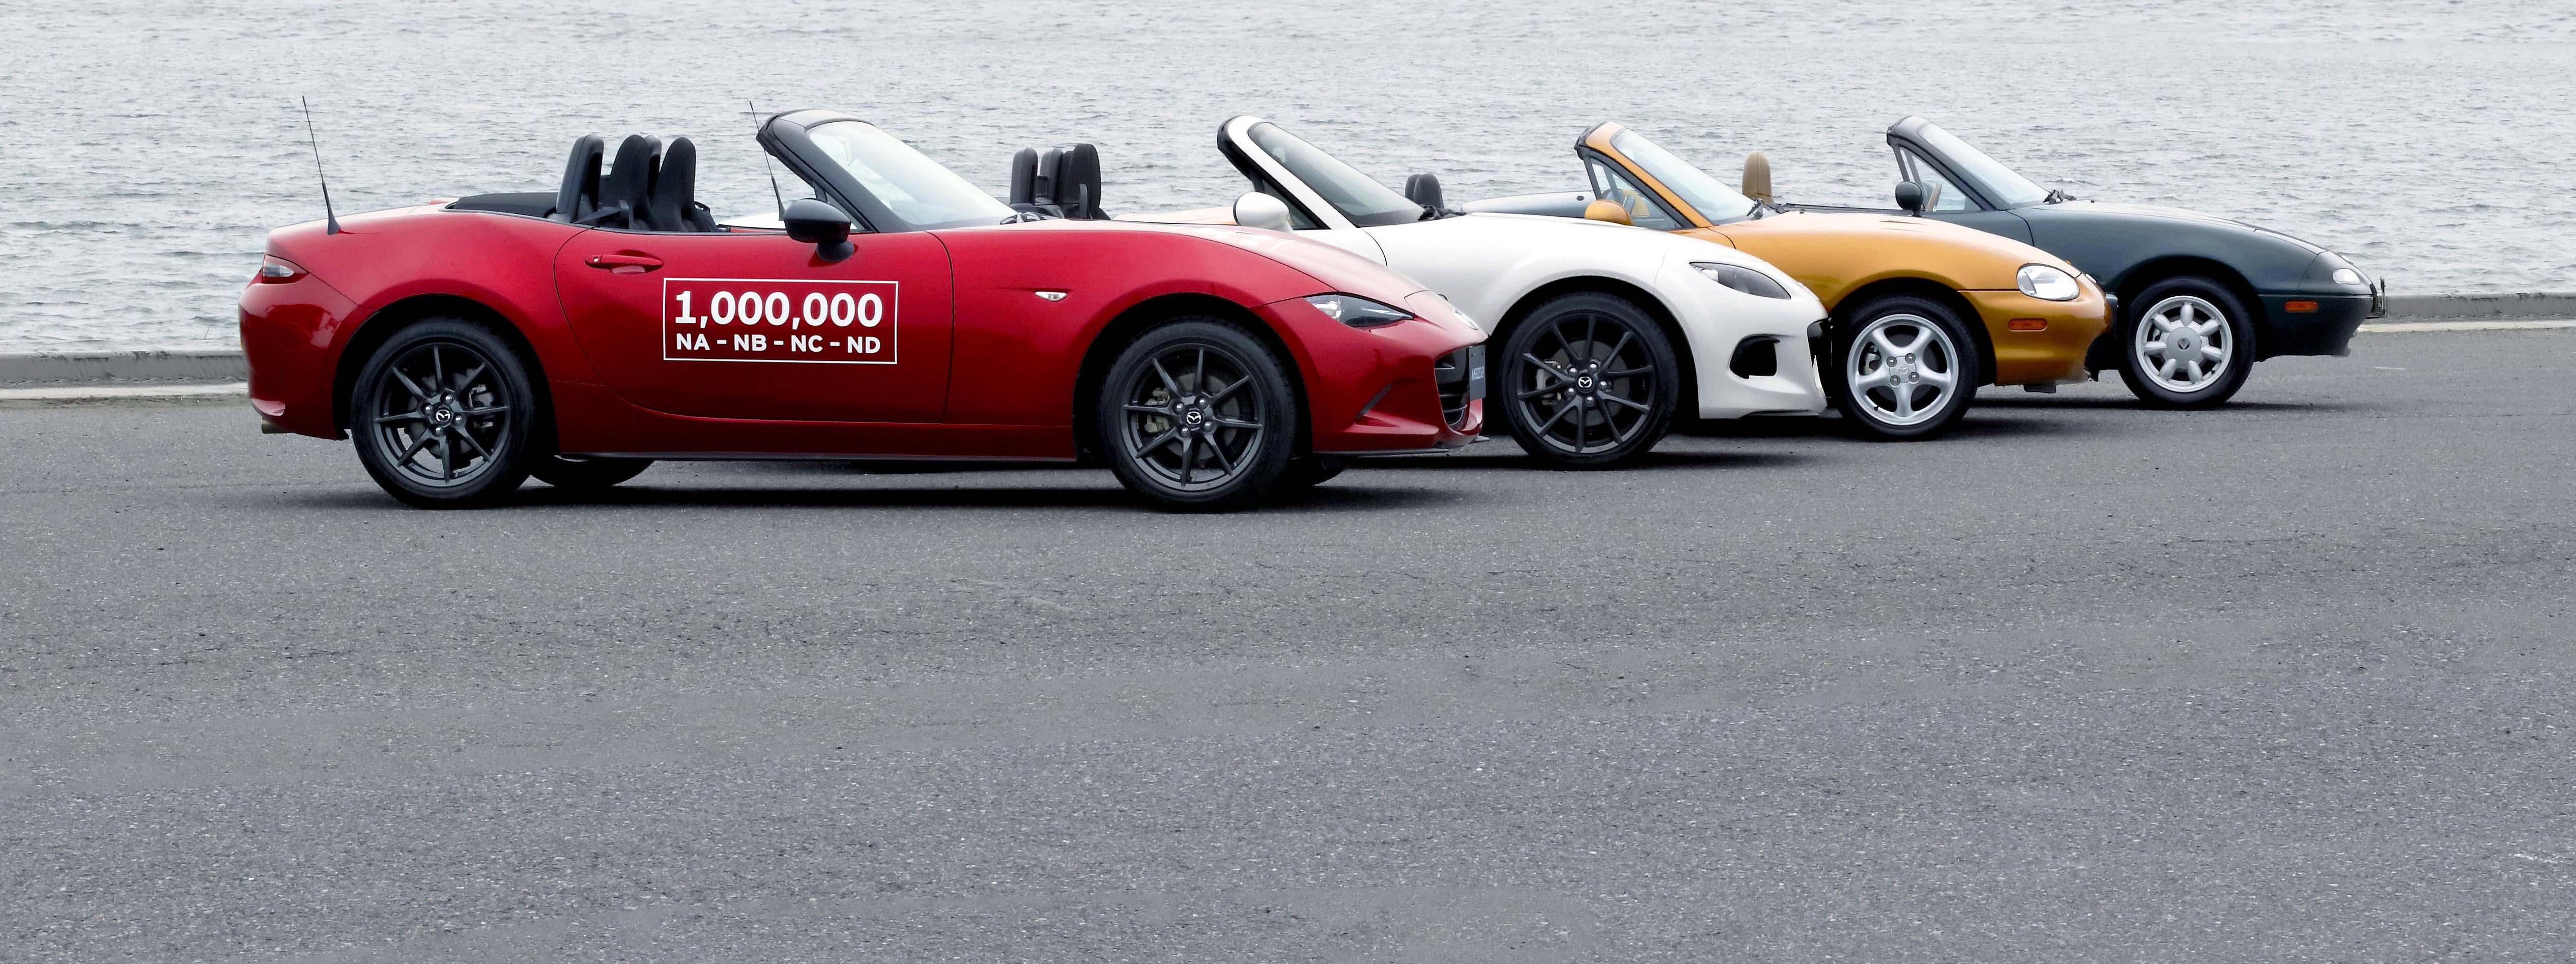 La producción del Mazda MX 5 llegó al millon.